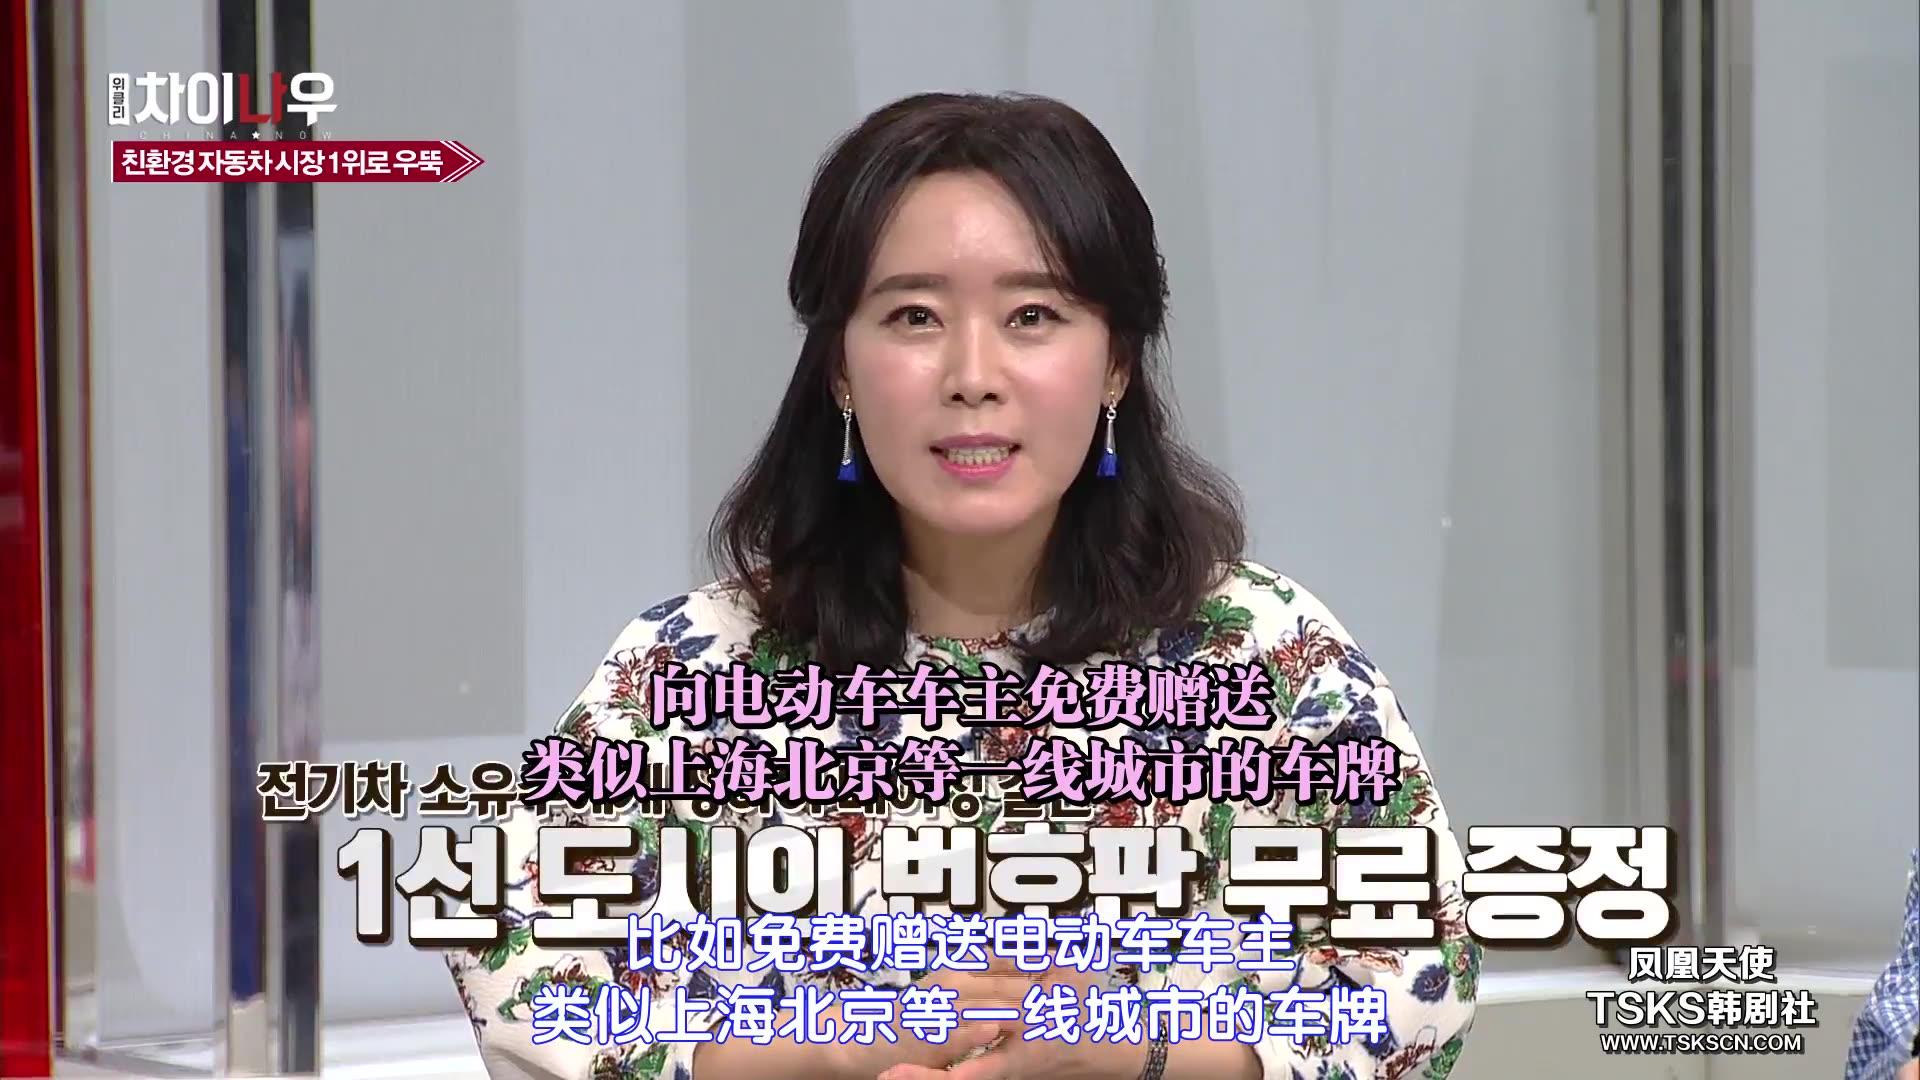 中华tv韩国人眼中的中国